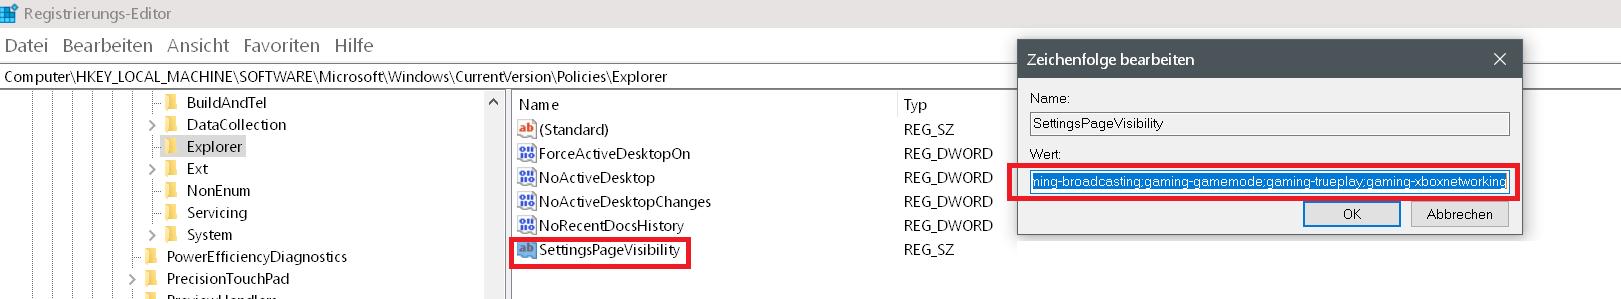 wert eingegeben - Windows 10 Eintrag Spielen unter Einstellungen entfernen